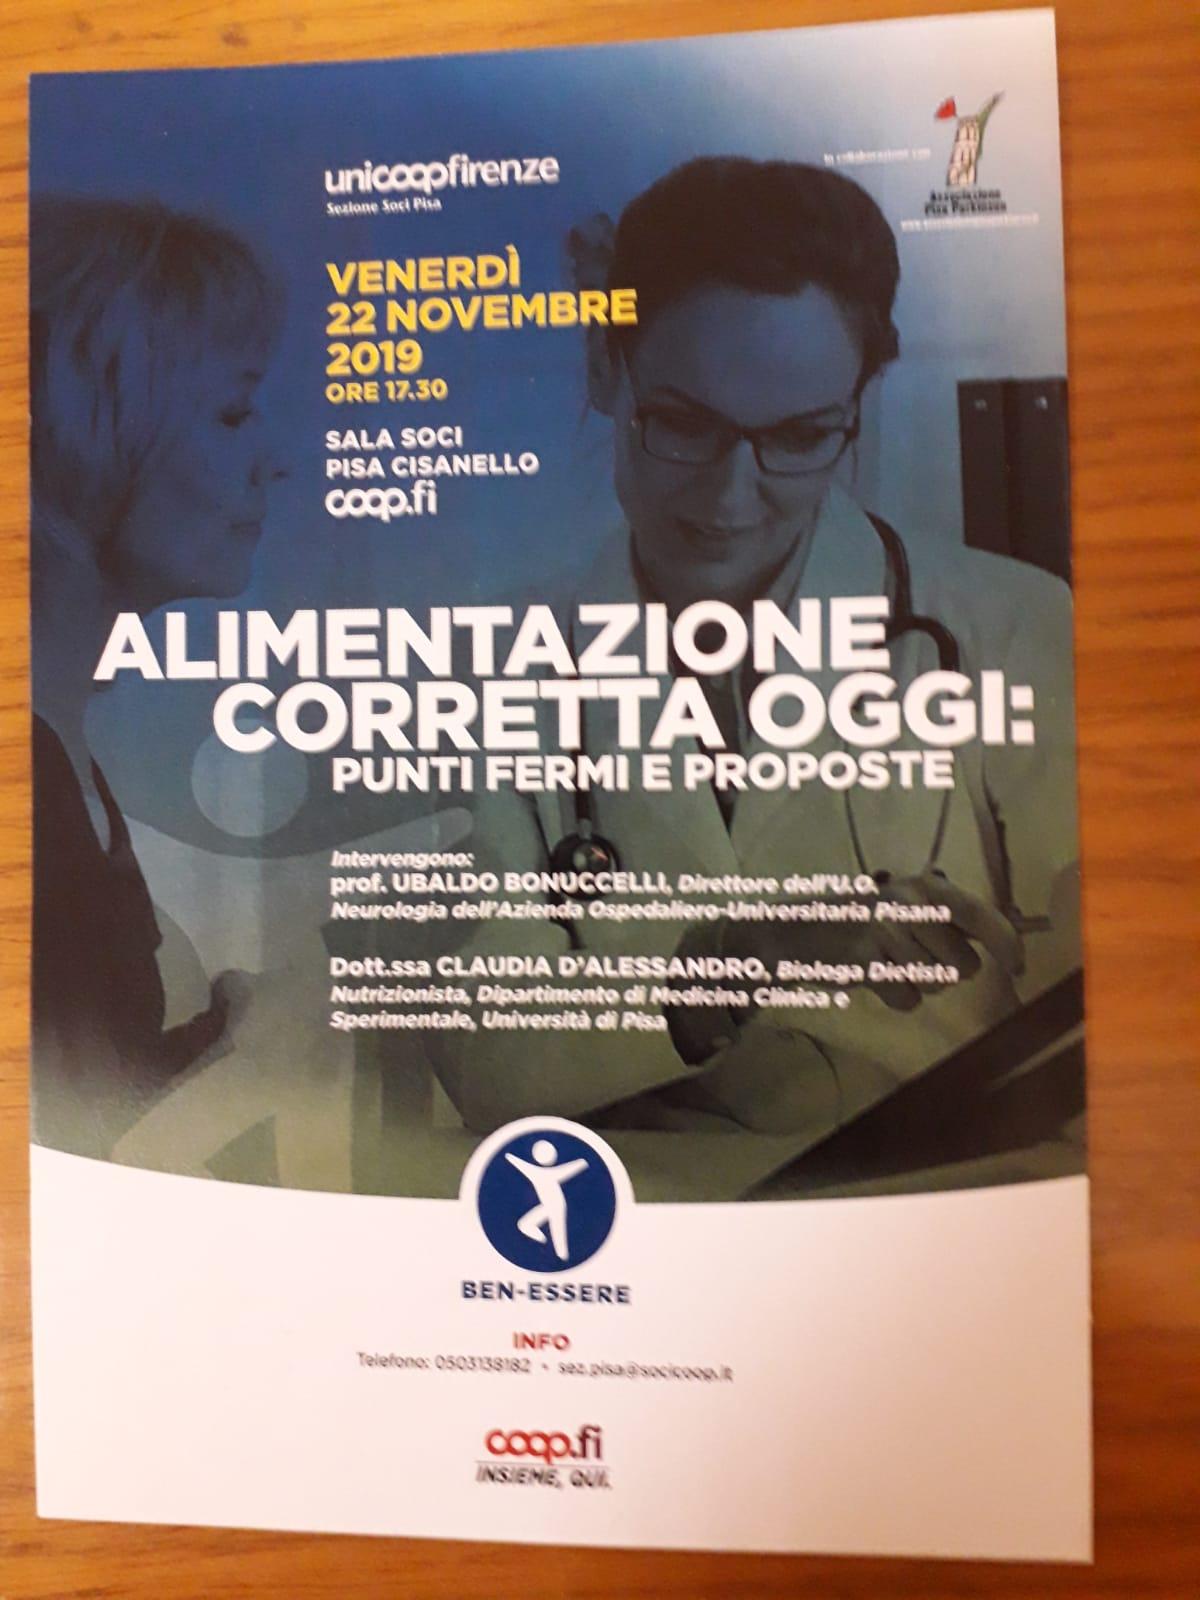 Alimentazione corretta oggi: Punti fermi e proposte_venerdì 22 novembre 2019 alla COOP di Cisanello_Pisa